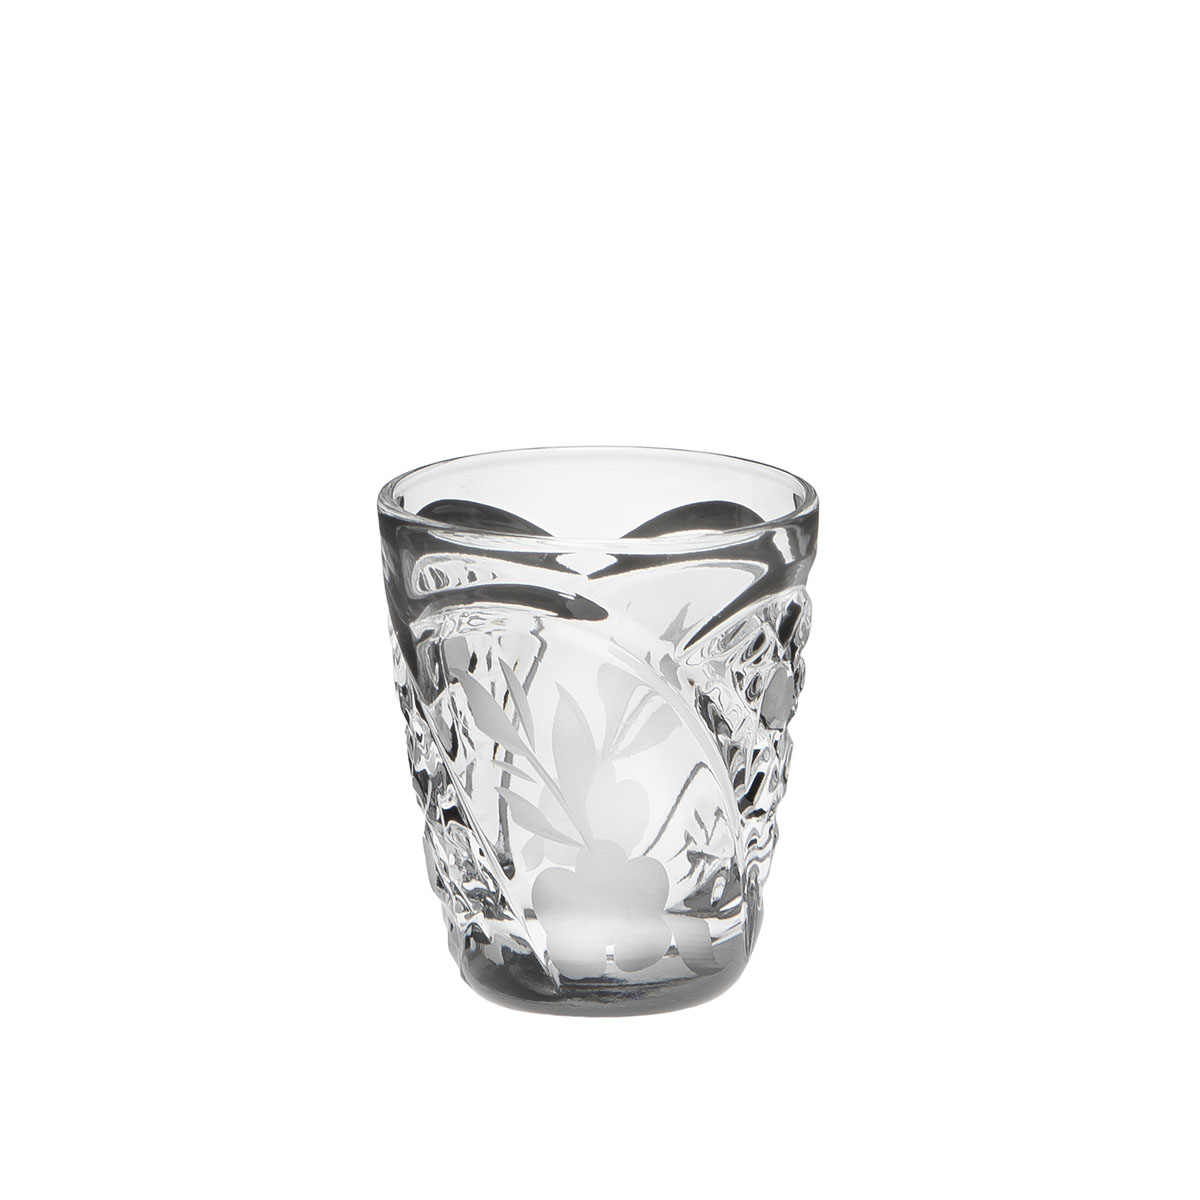 Стакан Дятьковский хрусталь Аперитив. Грация, 30 мл. С339/6VT-1520(SR)Хрустальные стаканы – красивое и простое решение для украшения праздничного стола. Стаканы из хрусталя универсальны, они подойдут и для алкогольных напитков – вина, шампанского, и для освежающих – минеральной воды, компота или сока. Если в вашей домашней коллекции еще нет предметов хрустальной посуды, купить хрустальные стаканы стоит обязательно.